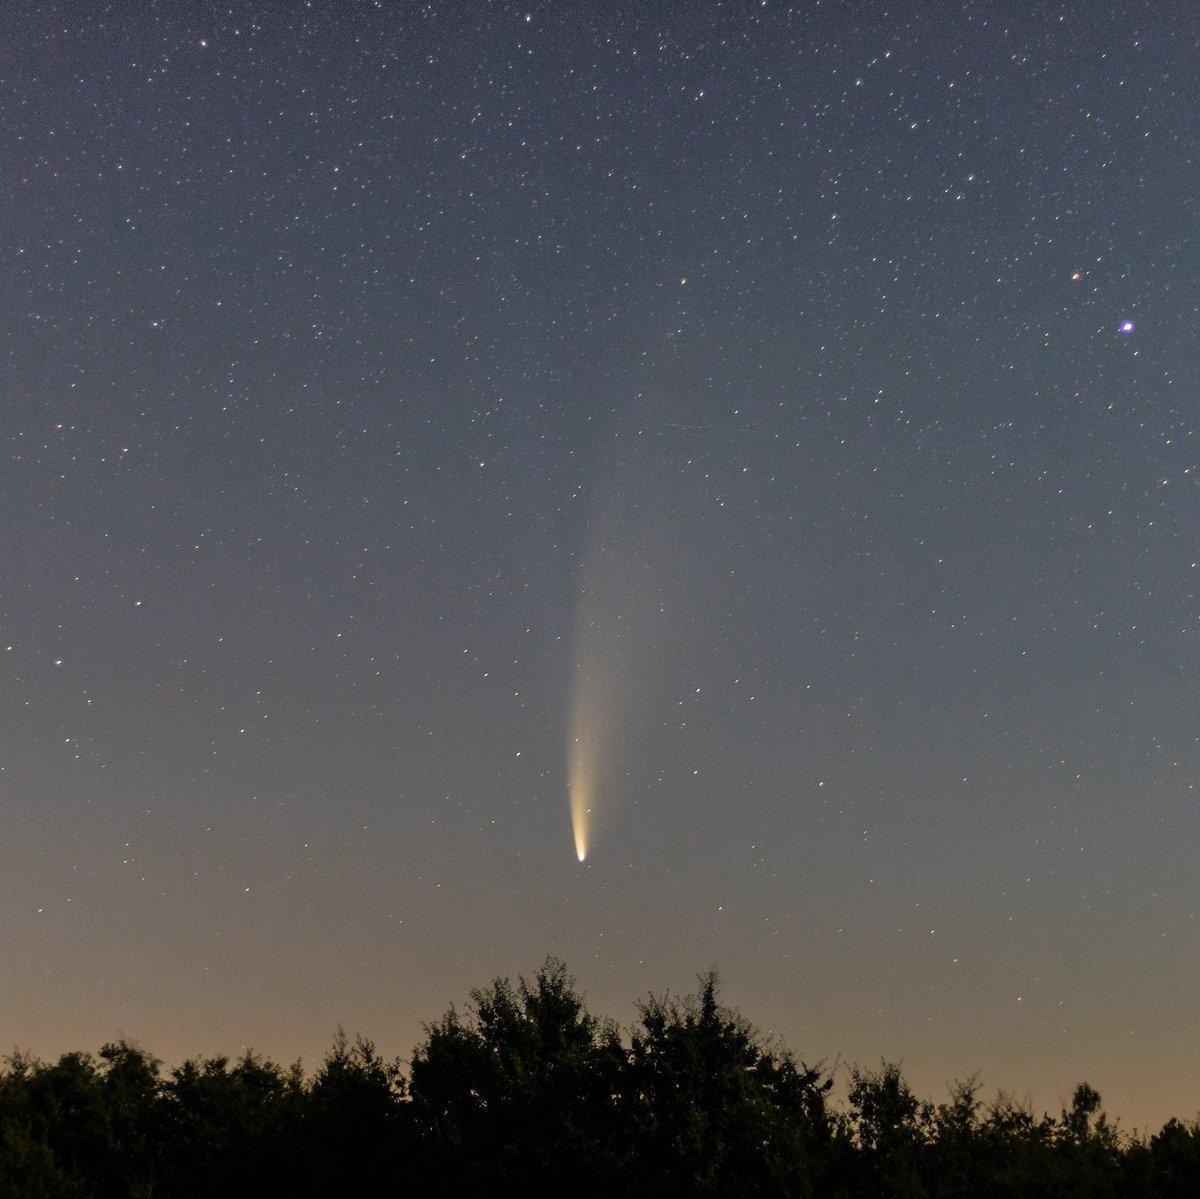 @Bleu_Perigord @VilledeBergerac @SO_Dordogne @Jens_Starry_Sky @F3Perigords  Ma première photo de la comète prise ce matin à 4h, un très beau spectacle visible à l'œil nu ou une paire de jumelle dans la direction du Nord-Est juste au dessus de l'horizon. Bonne soirée. https://t.co/6AfwClcaqN